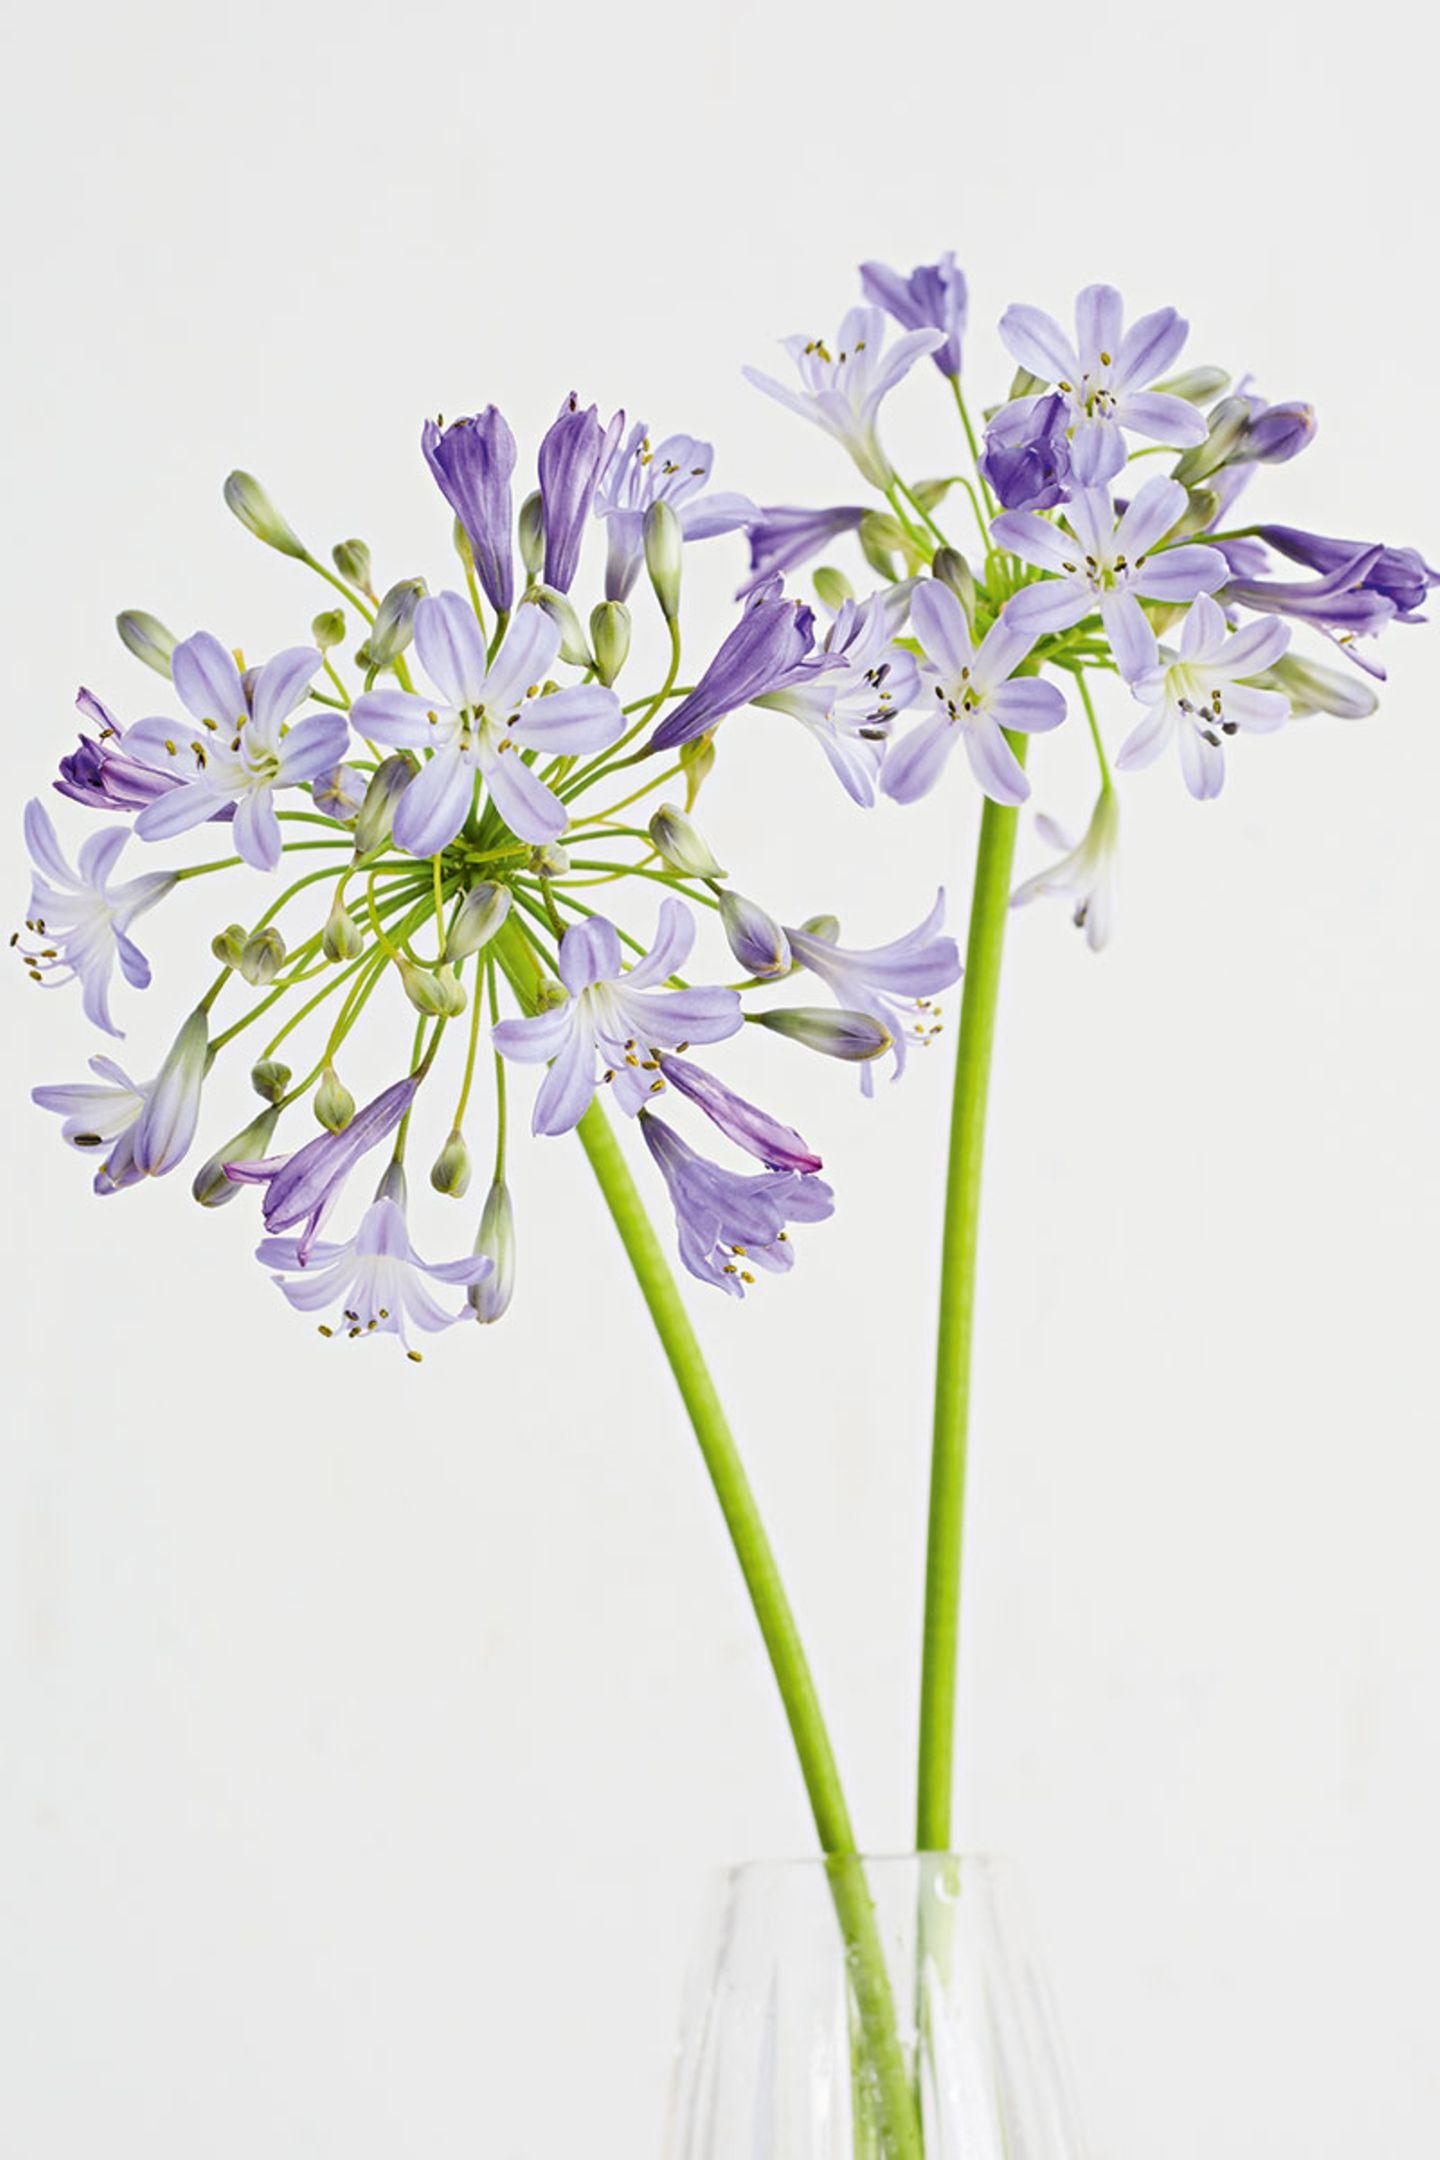 Schmucklilie in der Vase